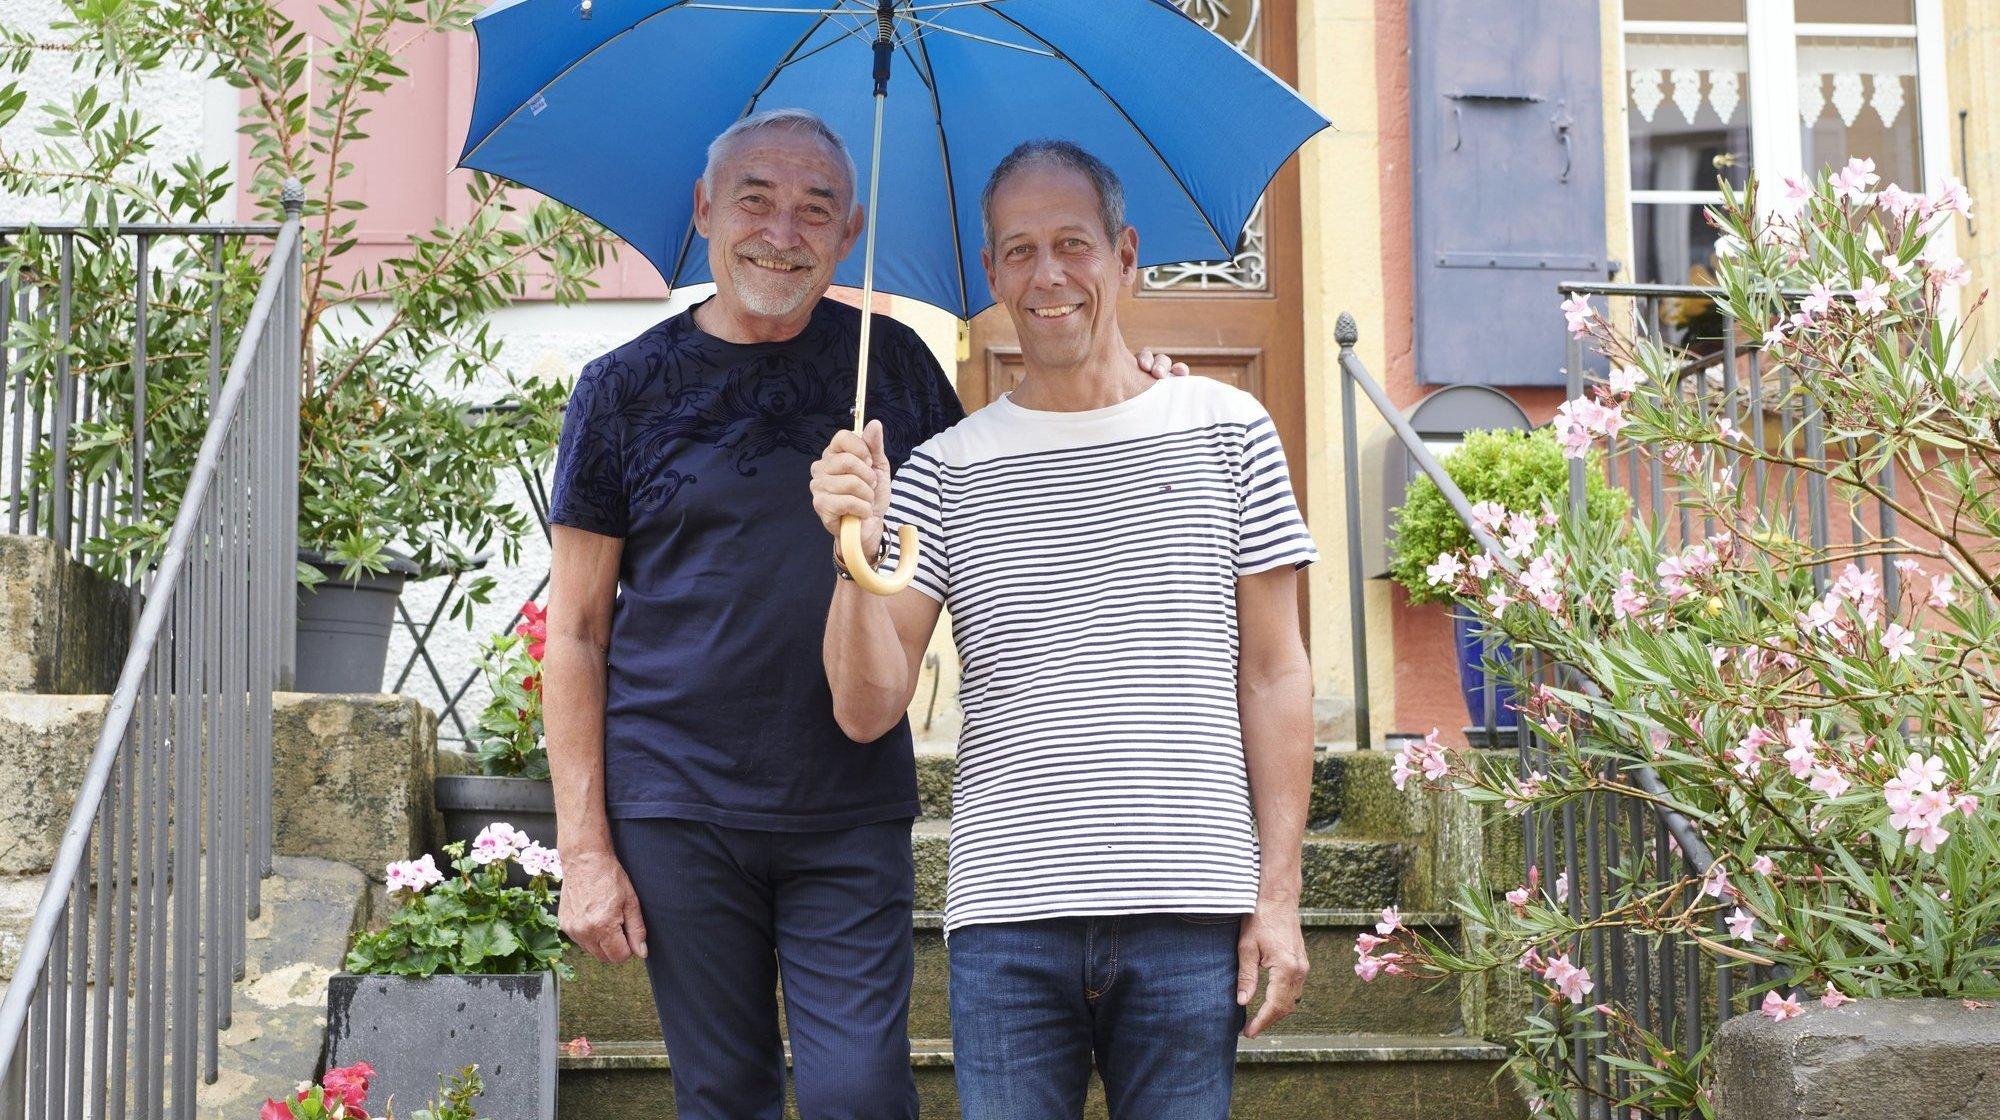 Mariage pour toutes et tous: ce couple de vignerons neuchâtelois espère bien s'unir pour la troisième fois